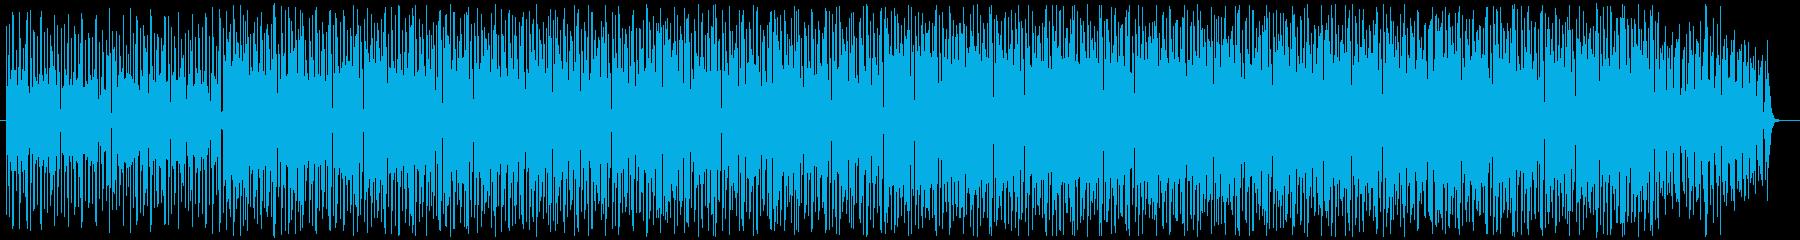 シリアスでファンキーなテクノの再生済みの波形